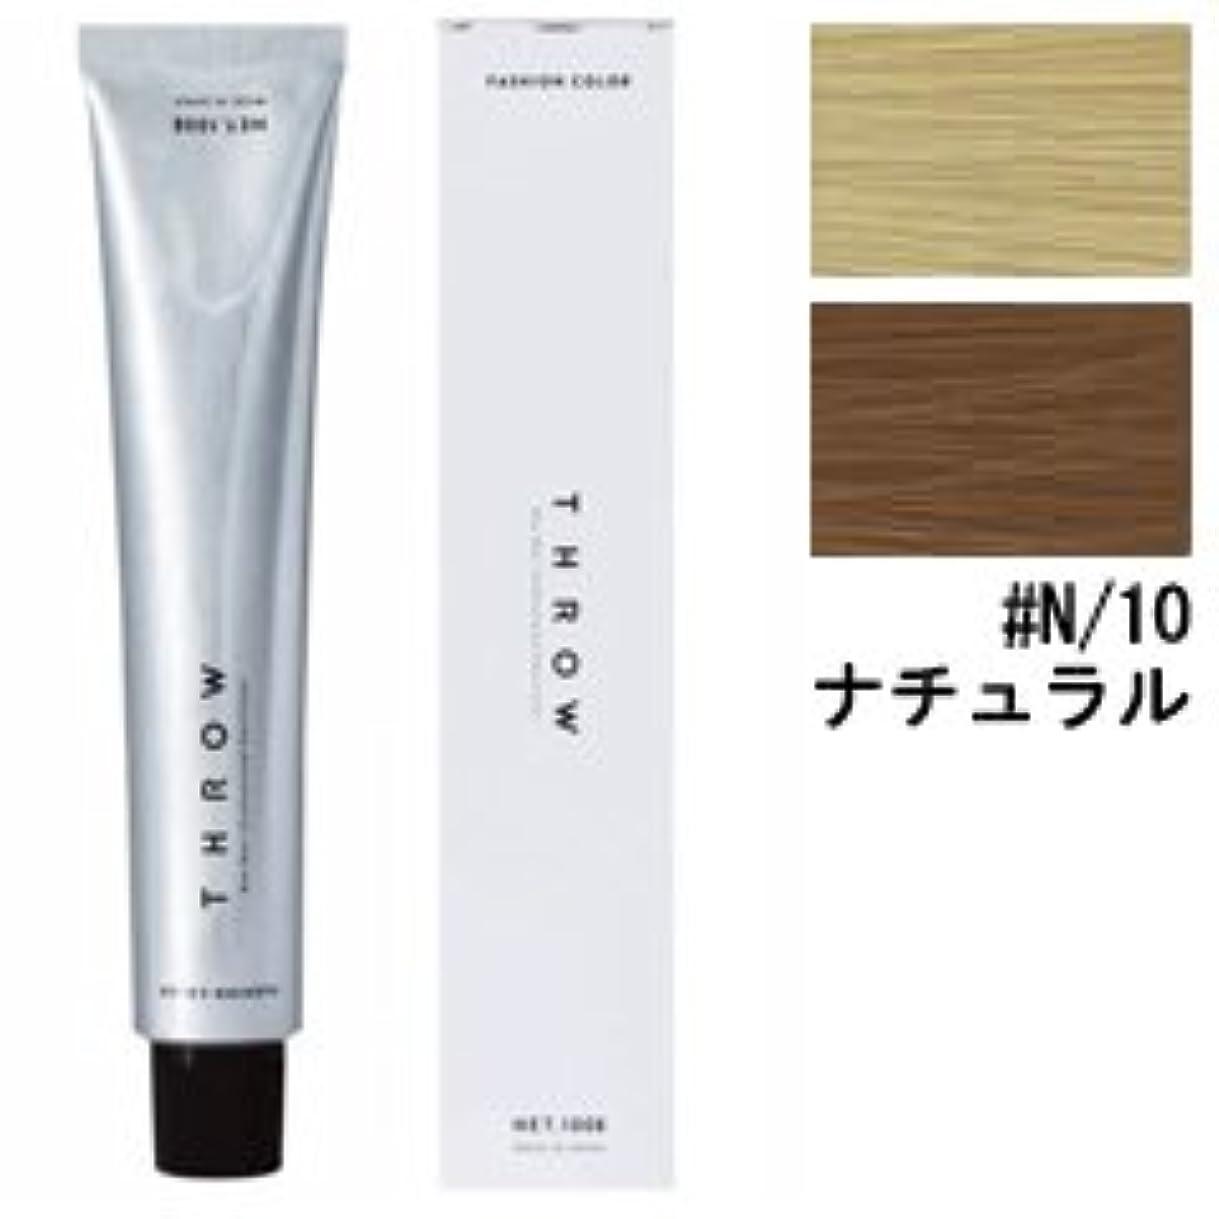 鎖倍増記事【モルトベーネ】スロウ ファッションカラー #N/10 ナチュラル 100g